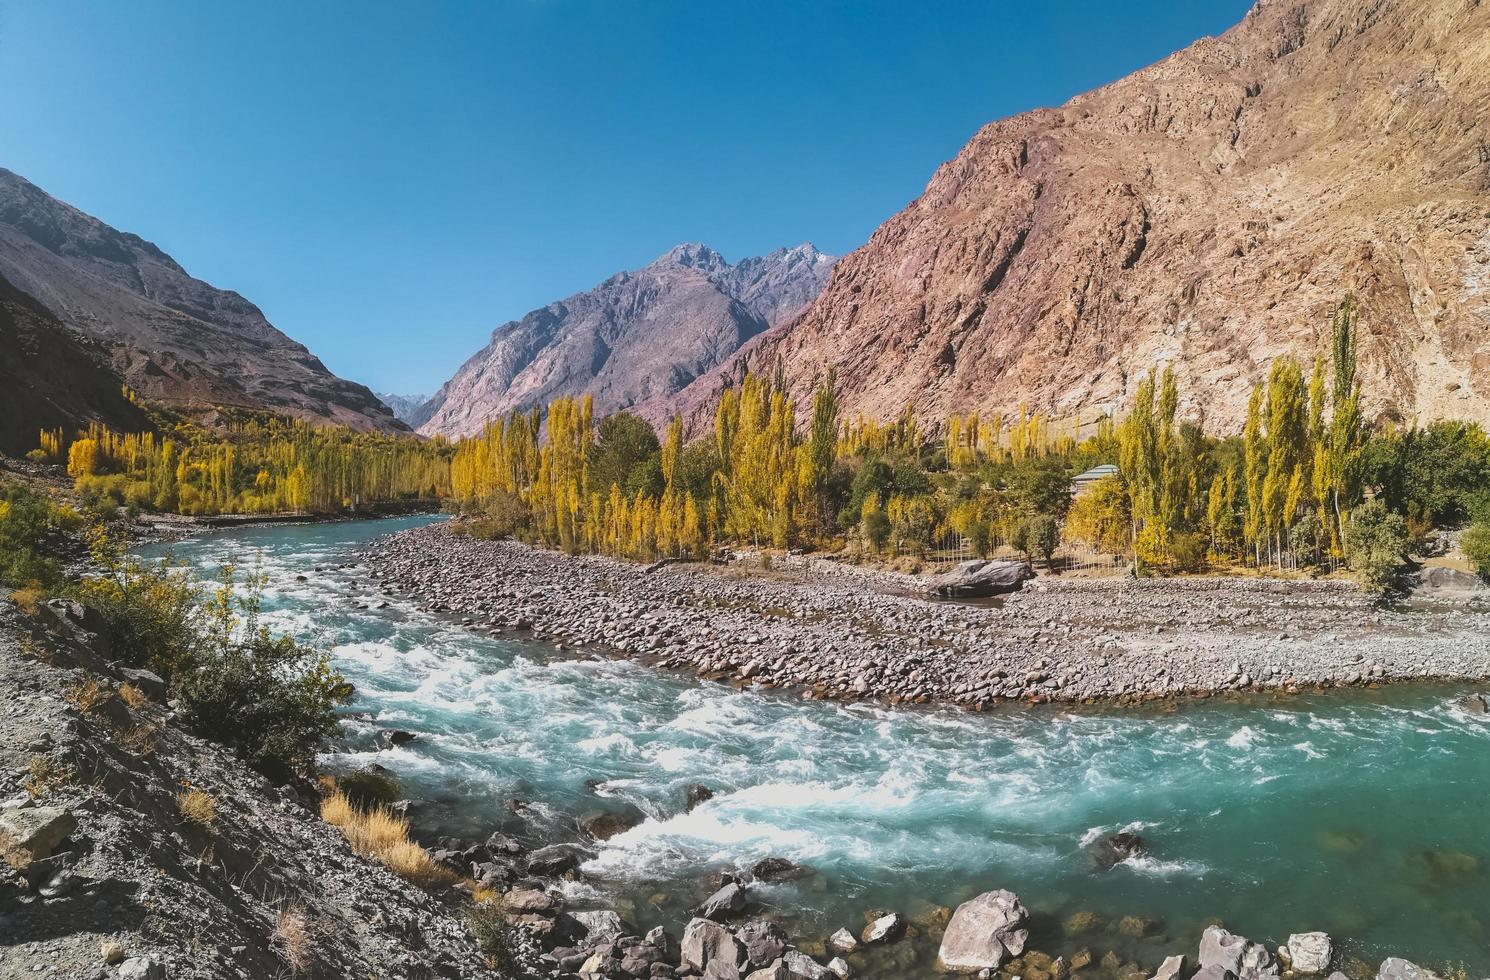 fiume tortuoso che scorre attraverso la catena montuosa indù Kush in autunno foto